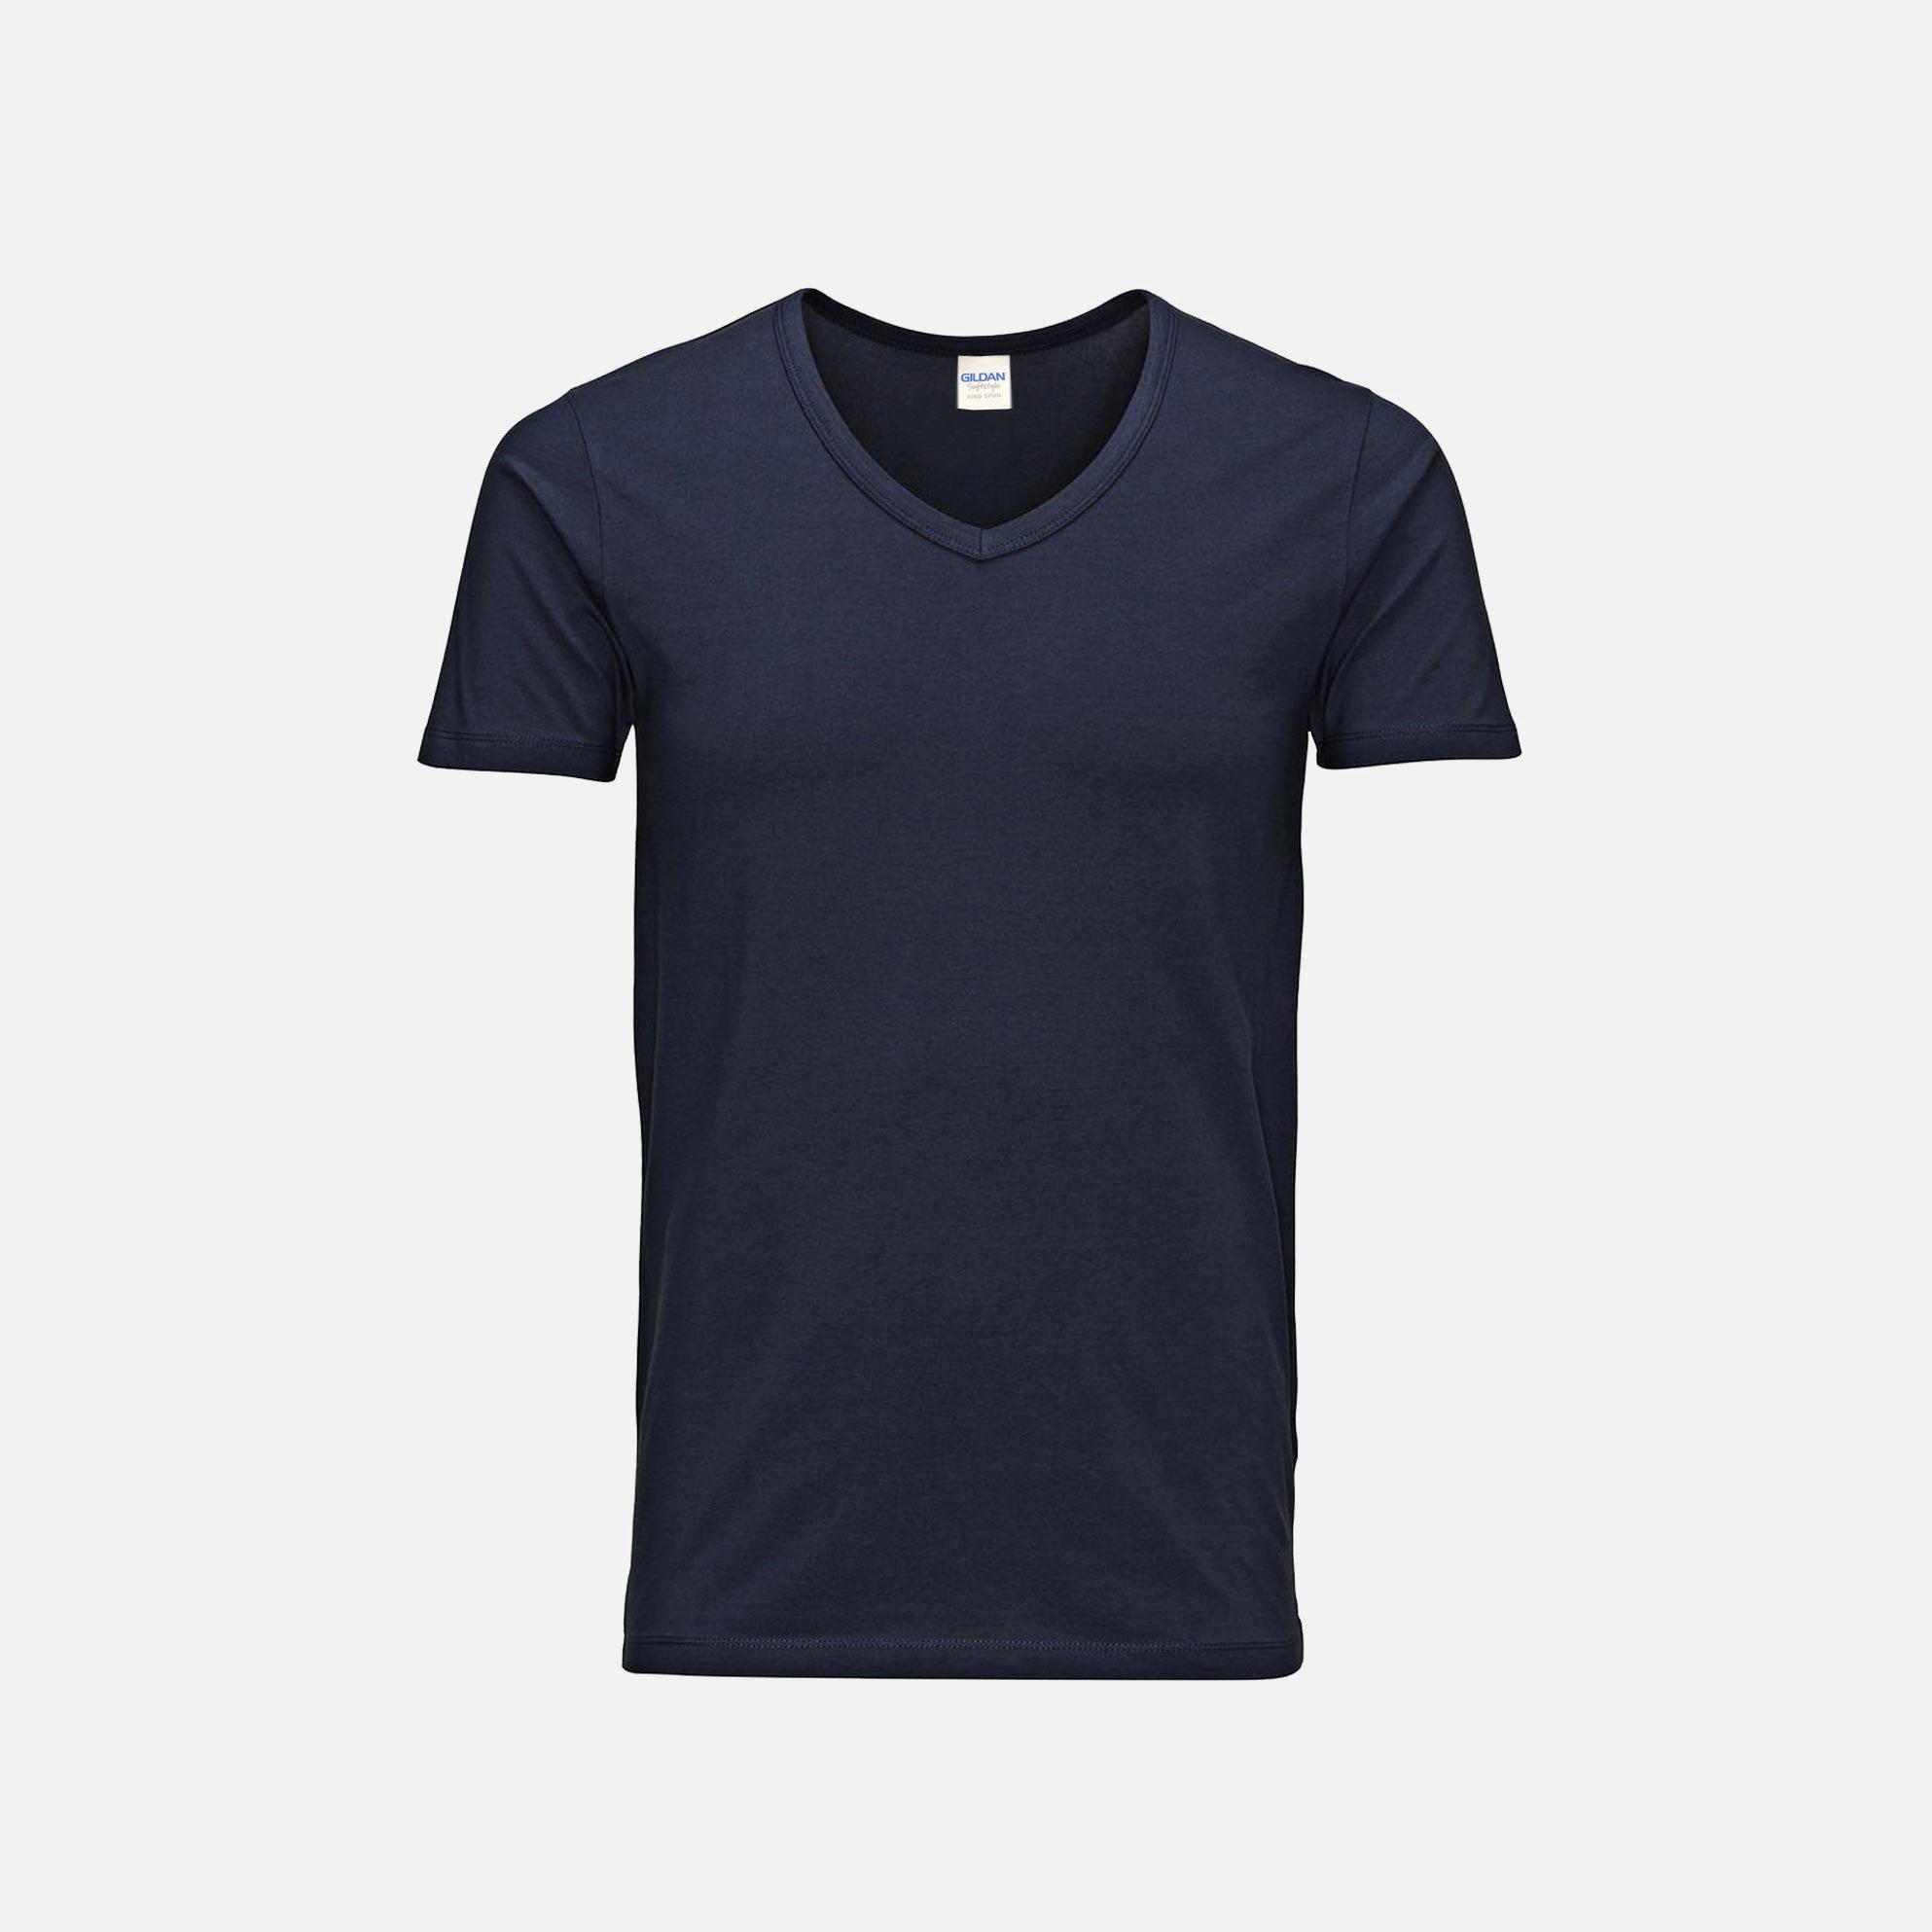 Camiseta Hombre Gildan 64V00 - Fruto Cuatro